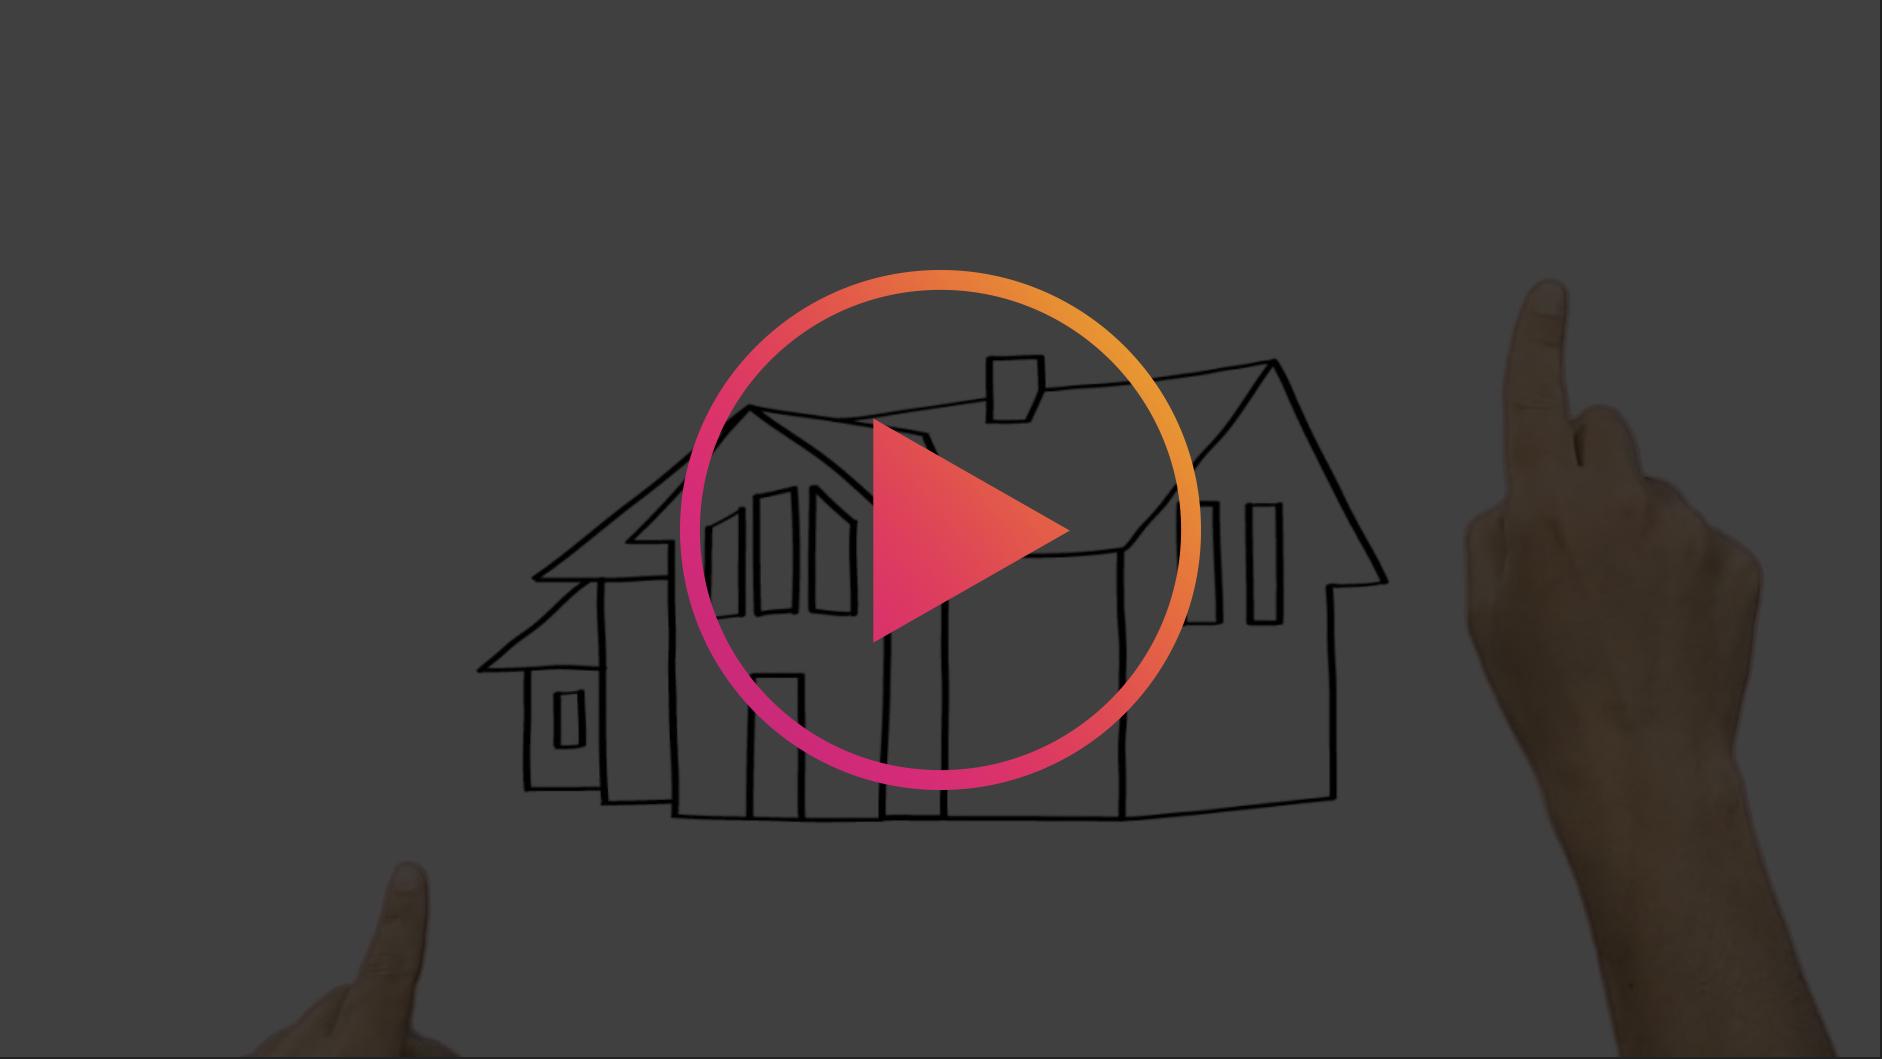 Preis_und_Markt_Video